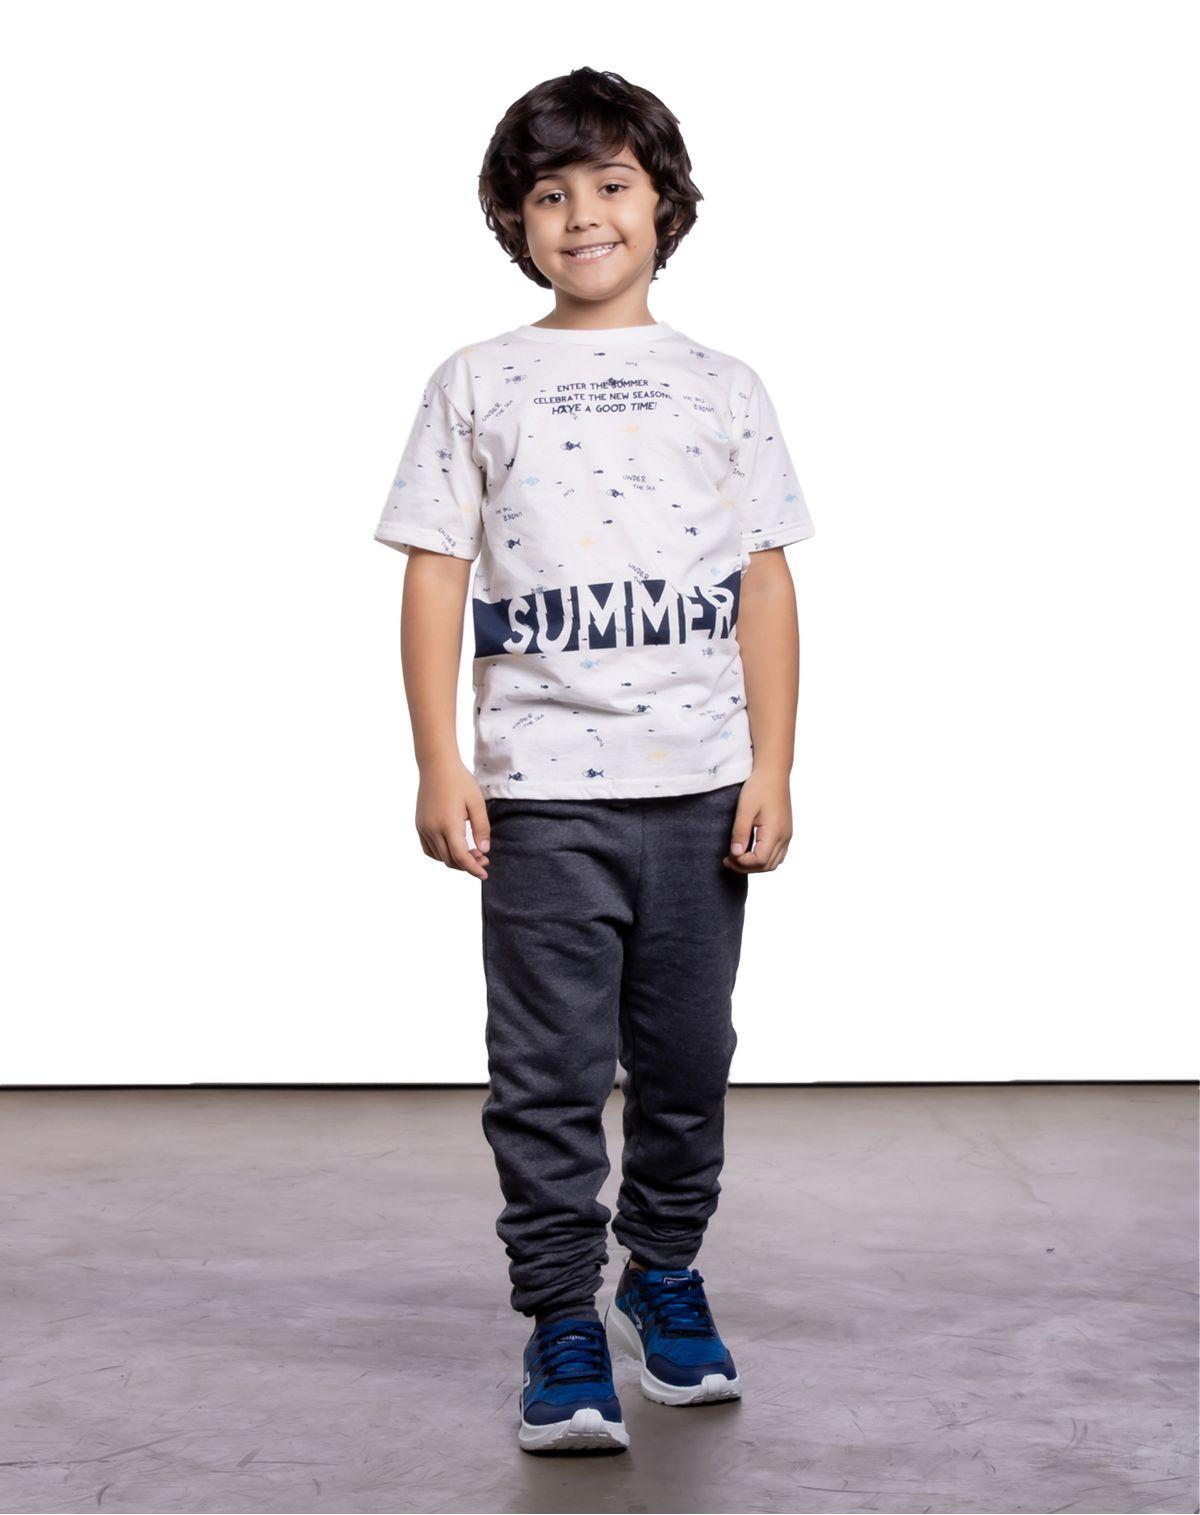 579507012-calca-moletom-juvenil-menino-bolsos-mescla-escuro-16-346